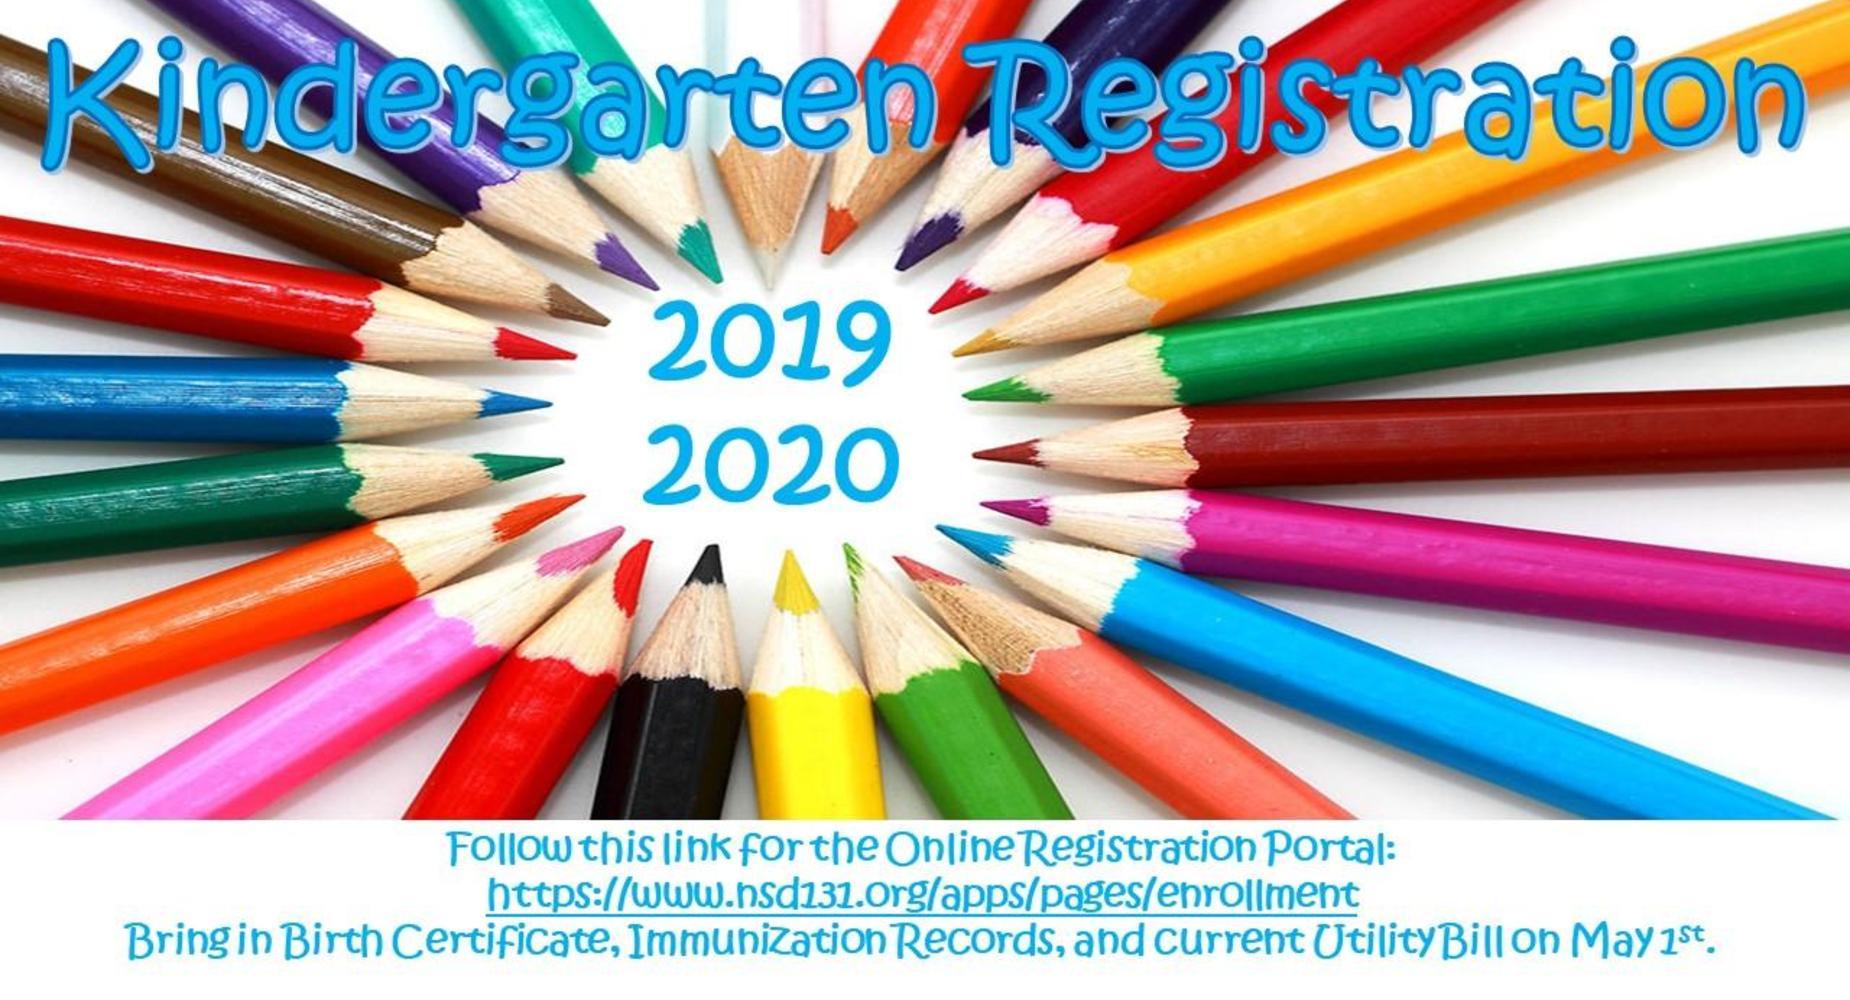 Kindergarten Registration Pencils